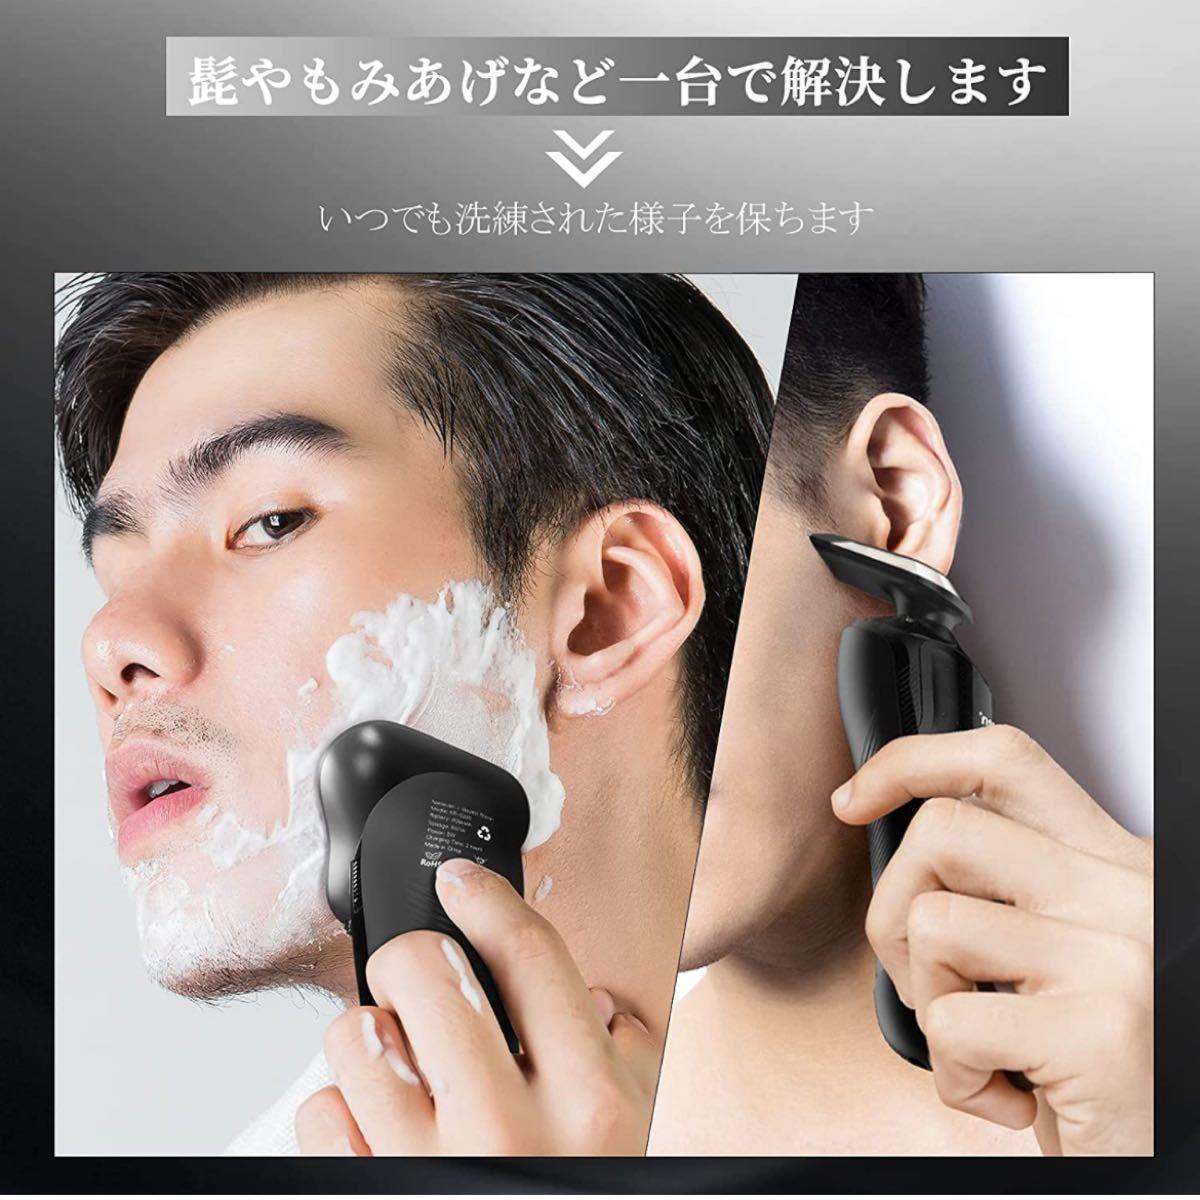 メンズシェーバー 電気シェーバー 電動ひげそり 回転式 USB充電式 防水 メンズカミソリ 剃刀 髭剃り 髭 シェーバー